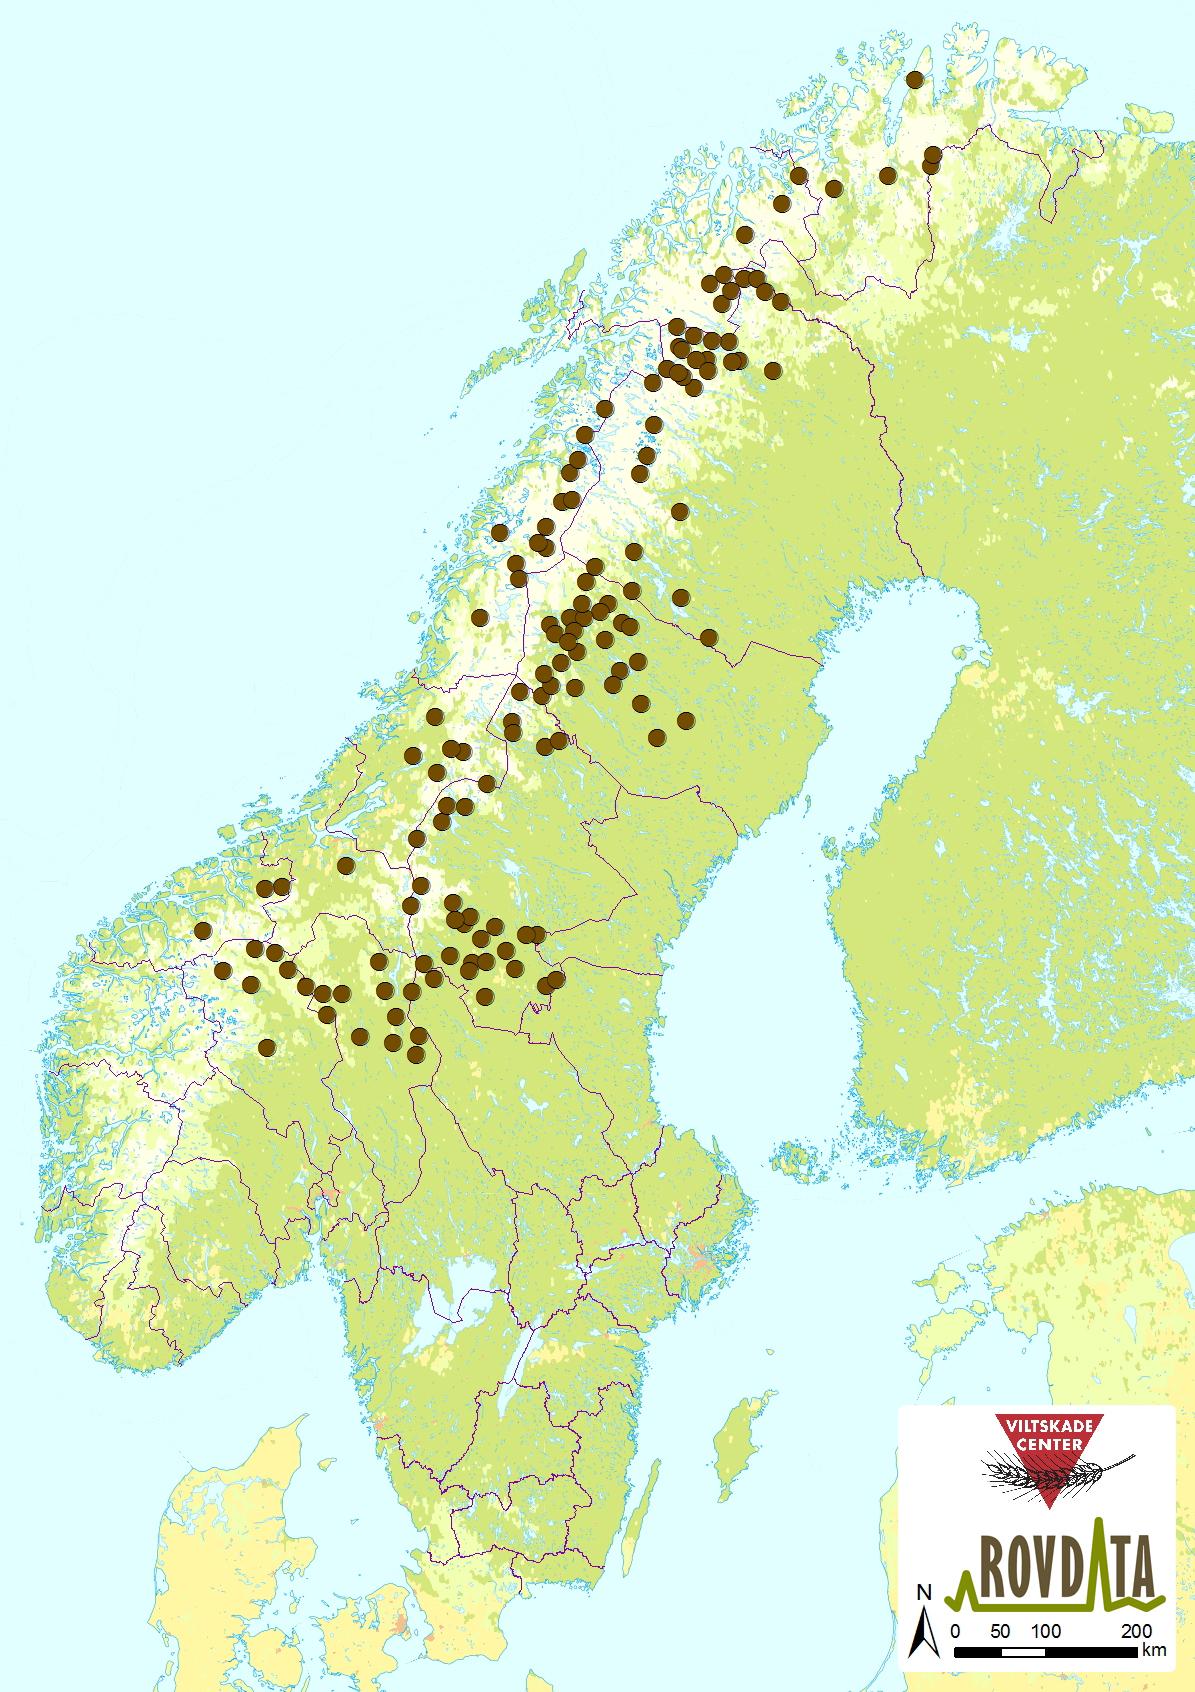 skandinavia kart Rovdata   Last ned kart og figurer, jerv skandinavia kart